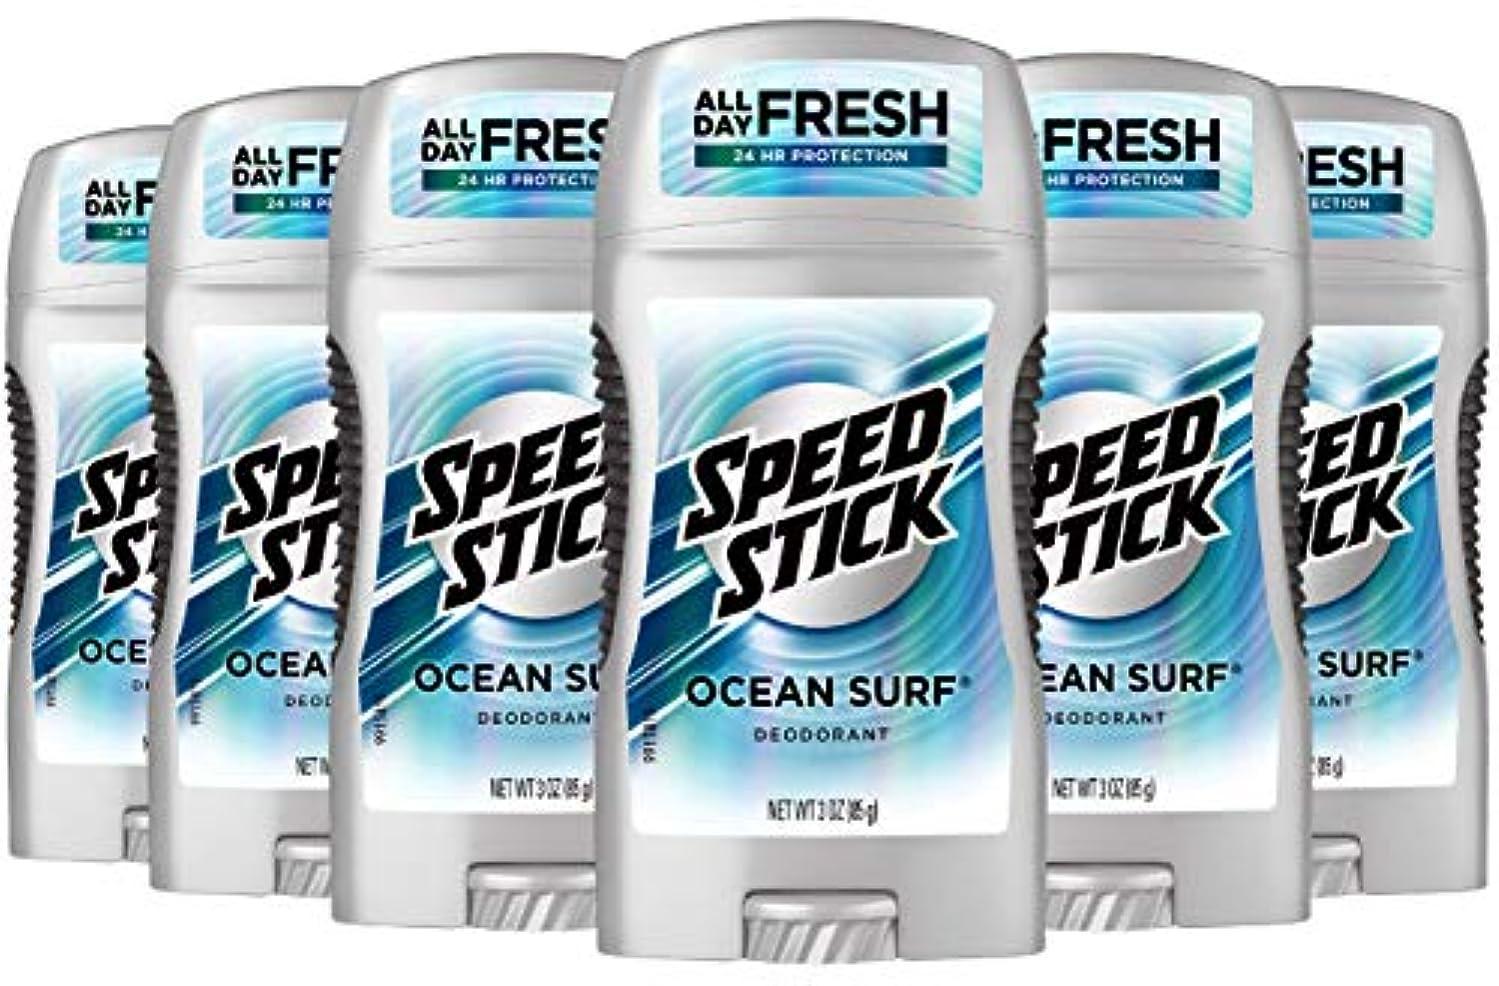 みすぼらしい指令驚かすSpeed Stick Deodorant, Ocean Surf 88 ml (Pack of 6) (並行輸入品)